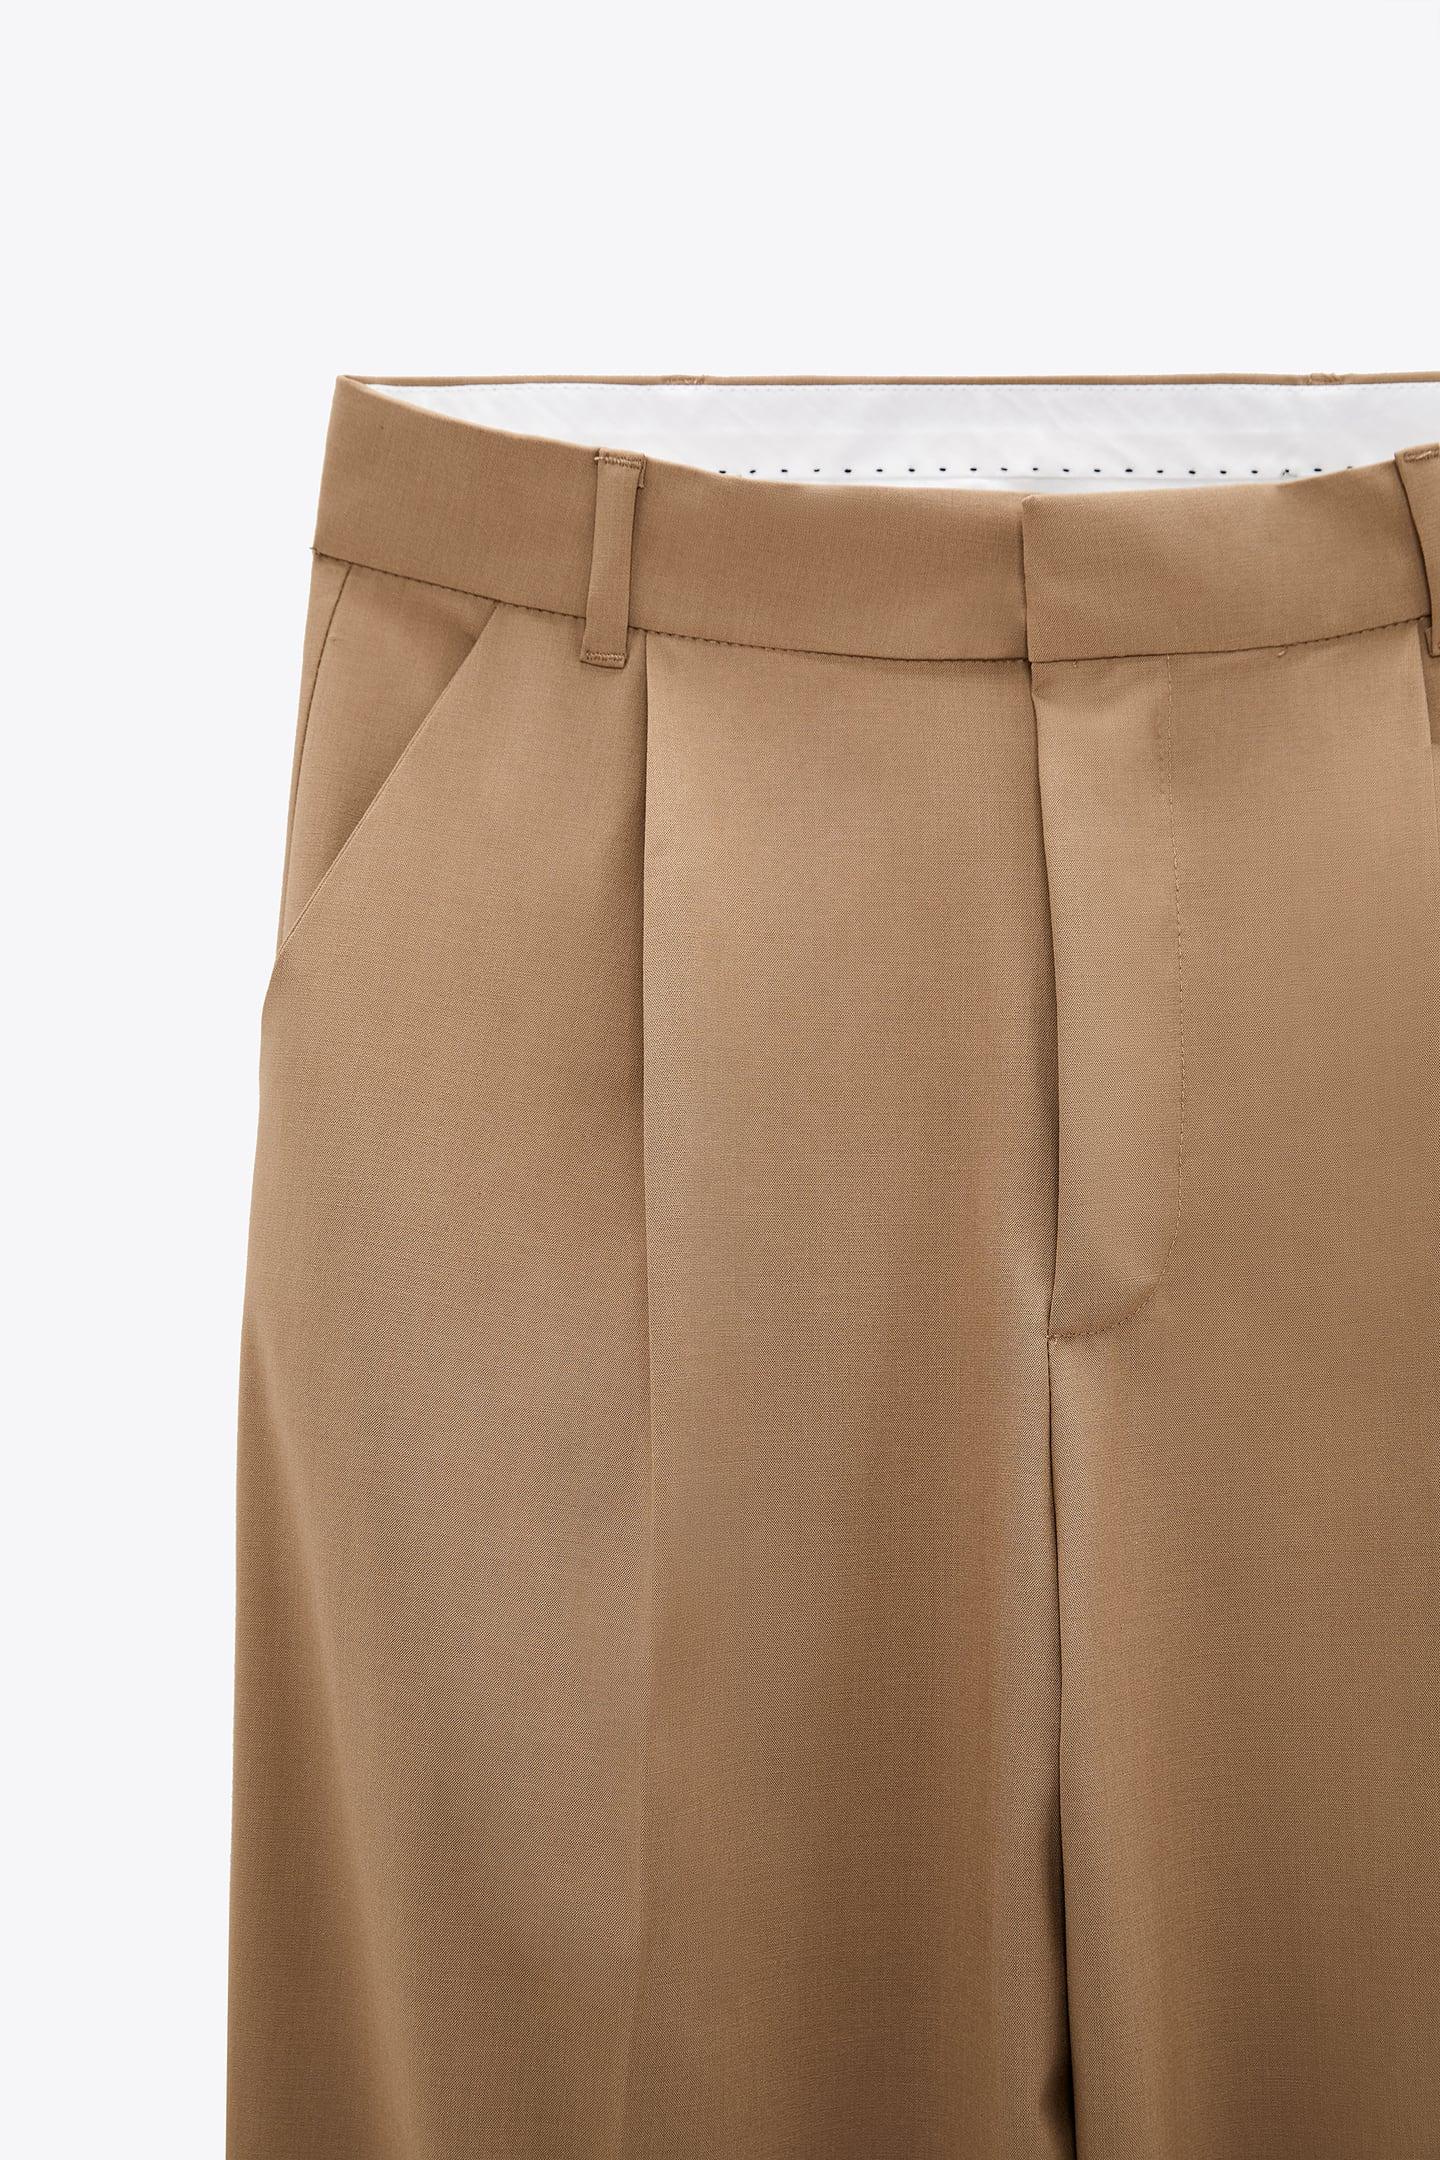 Zara $39.90